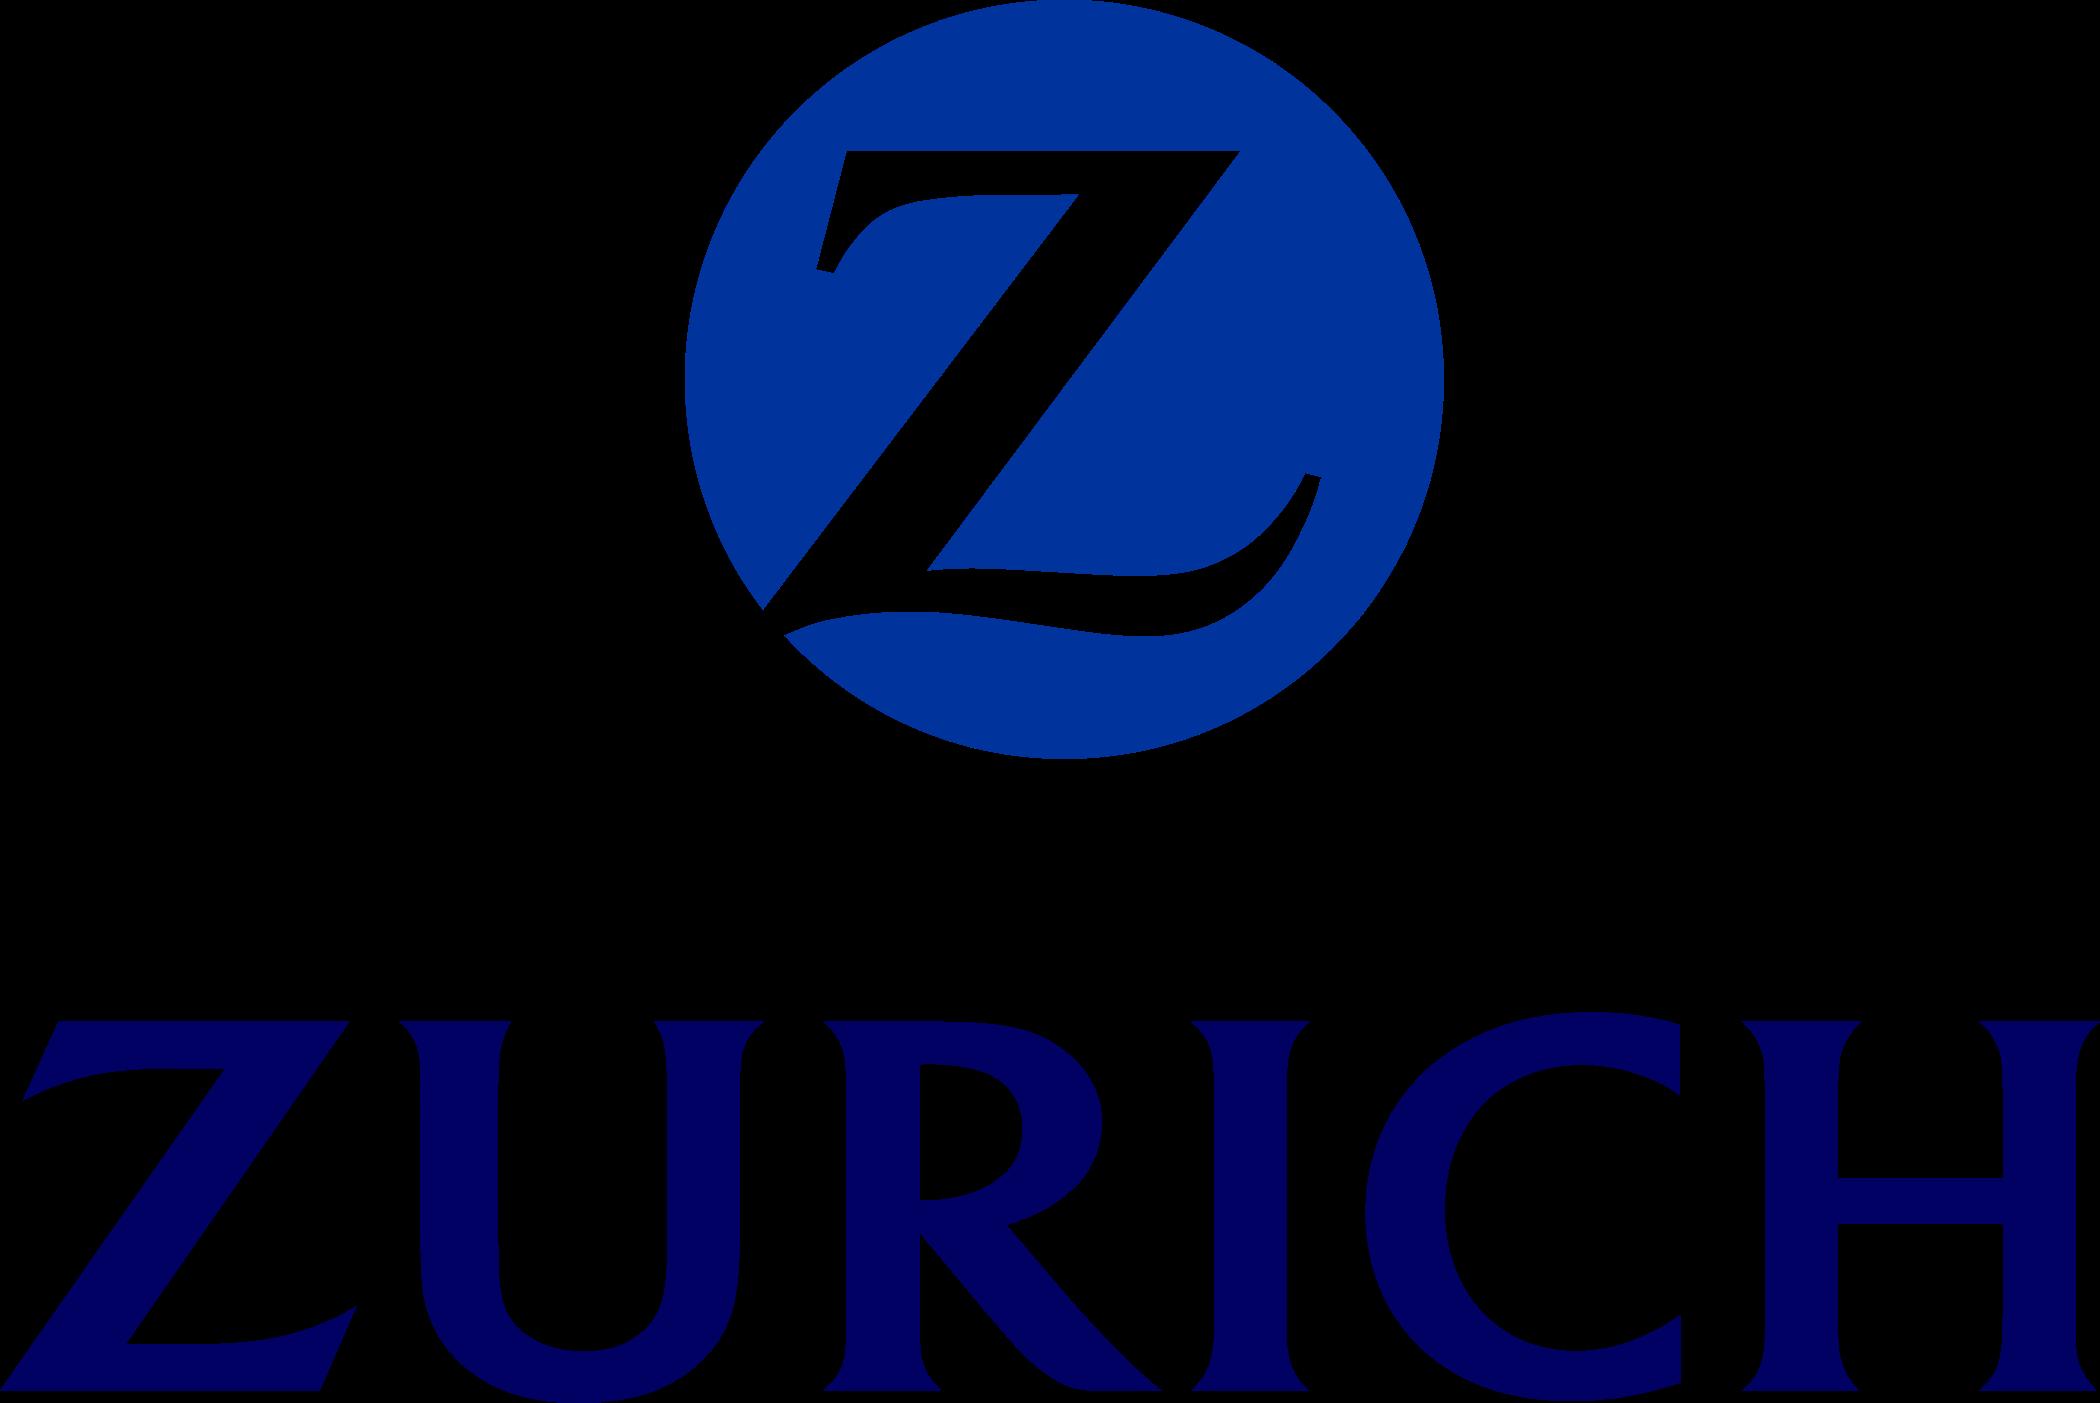 zurich logo 1 - Zurich Logo